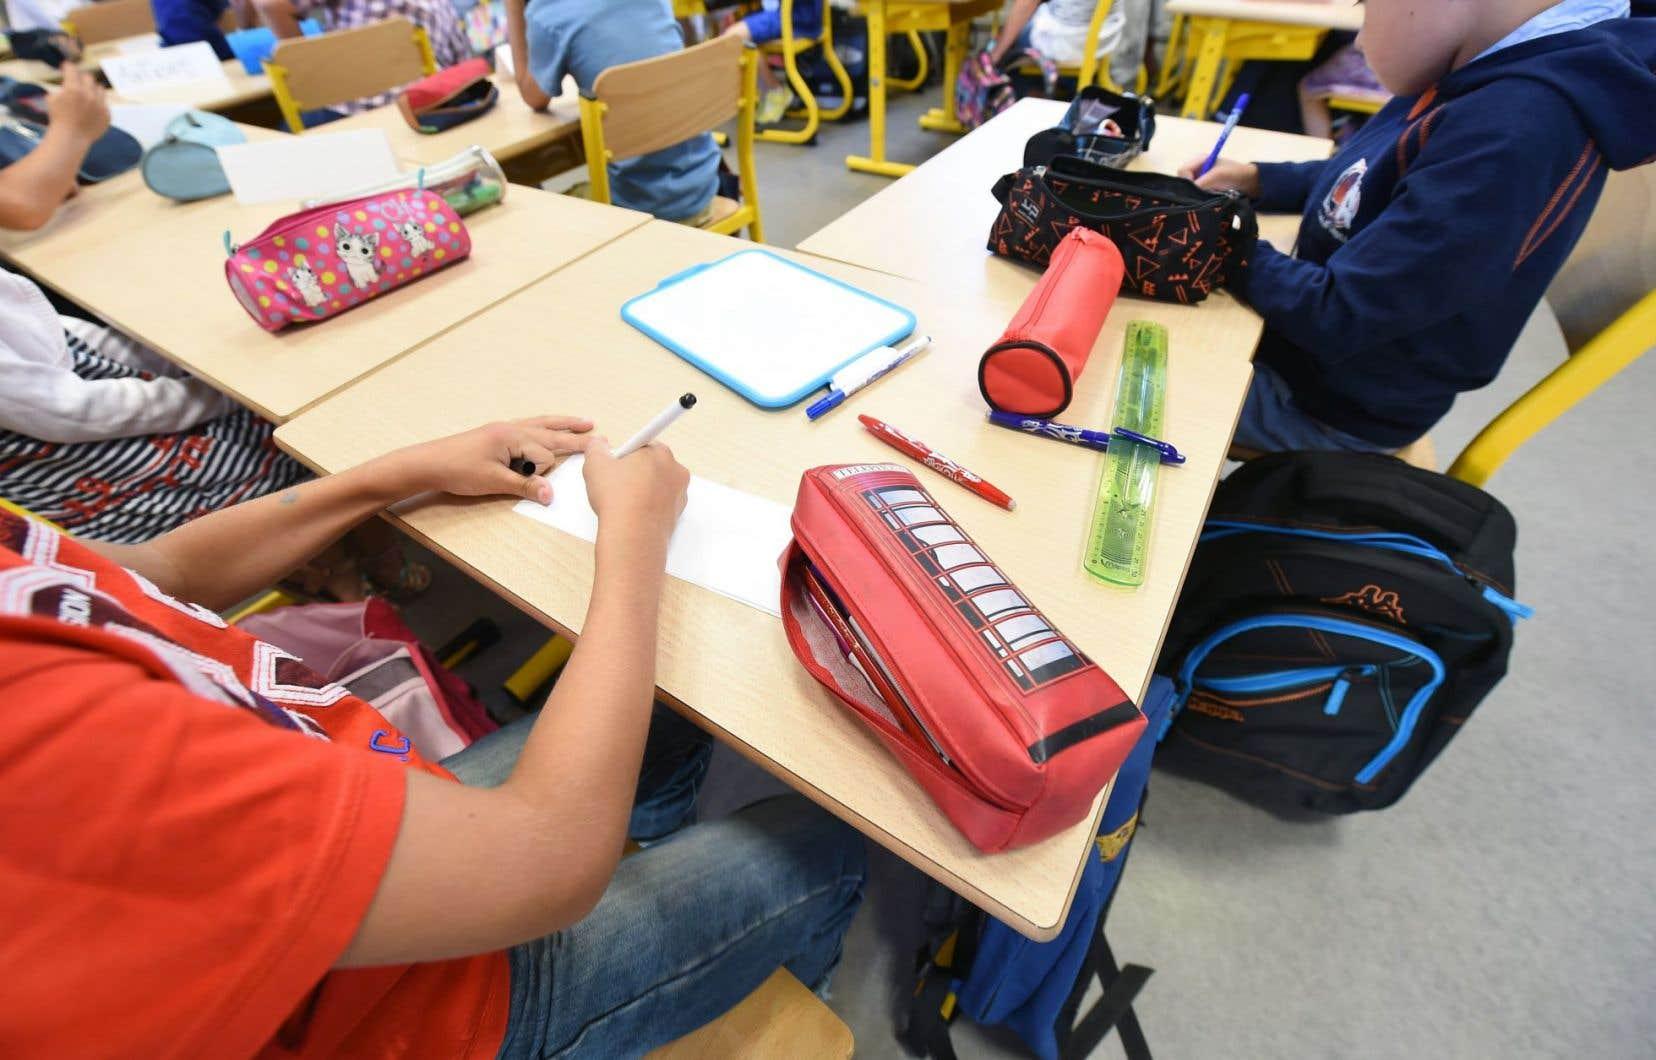 Le fait de travailler en collaboration avec des universitaires va permettre de garder les enseignants à jour dans leur approche pédagogique, espère une responsable du projet.